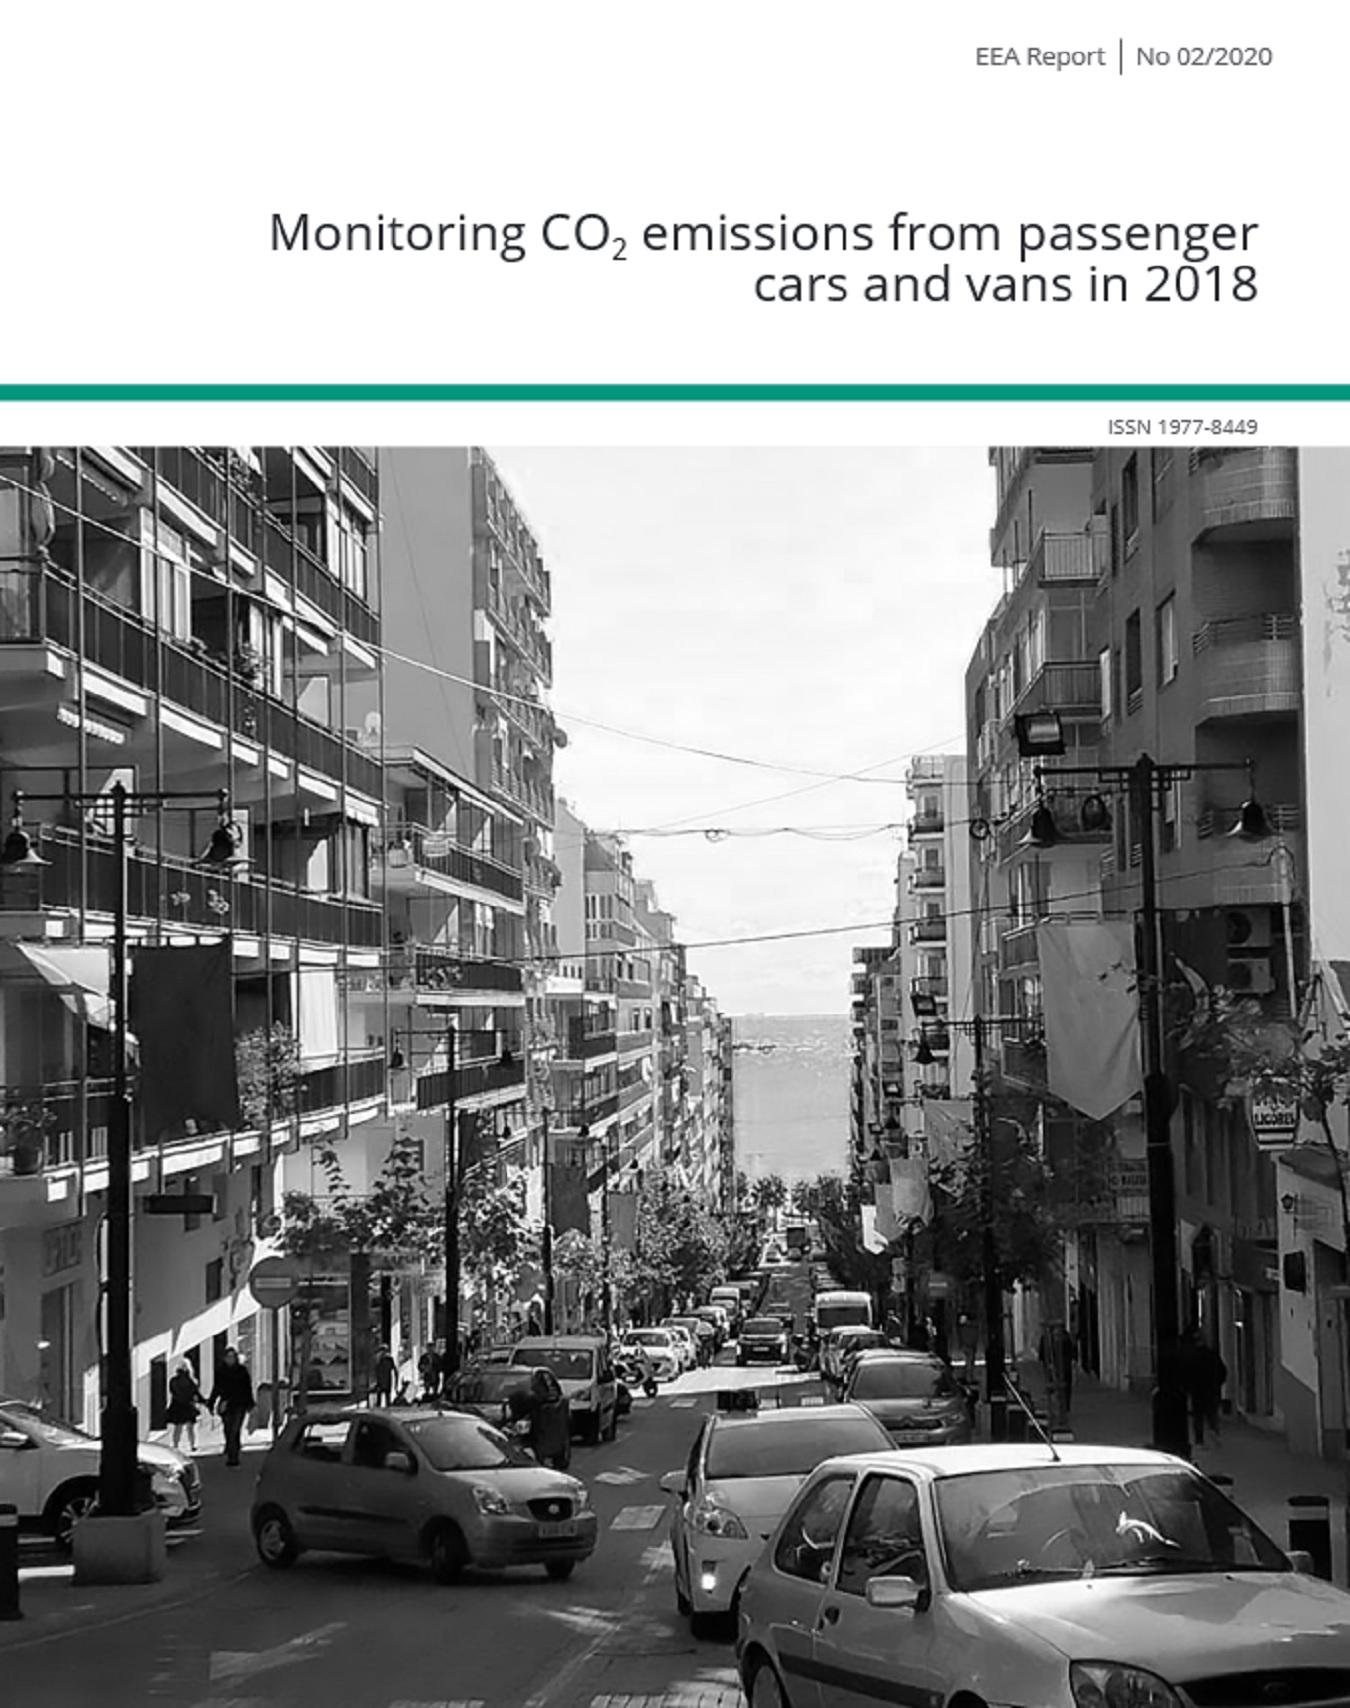 2018'de Binek Otomobiller ve Kamyonetlerden Kaynaklanan CO2 Emisyonlarının İzlenmesi Raporu